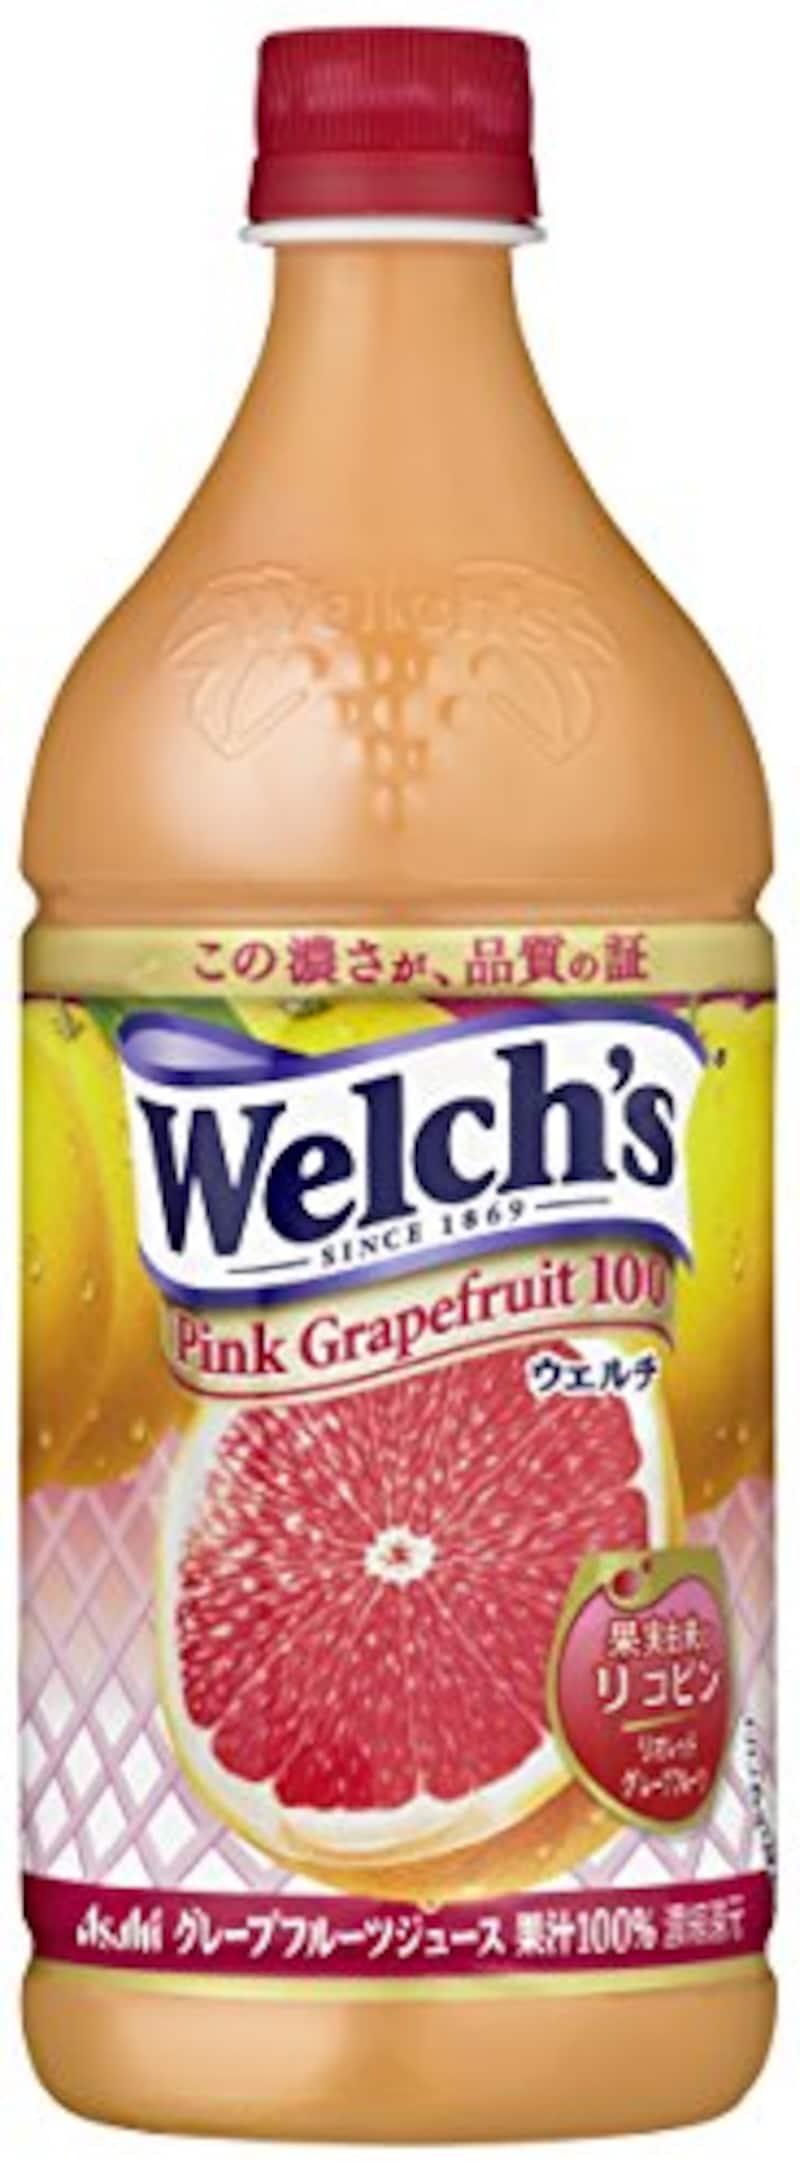 ウェルチ,ピンクグレープフルーツ100